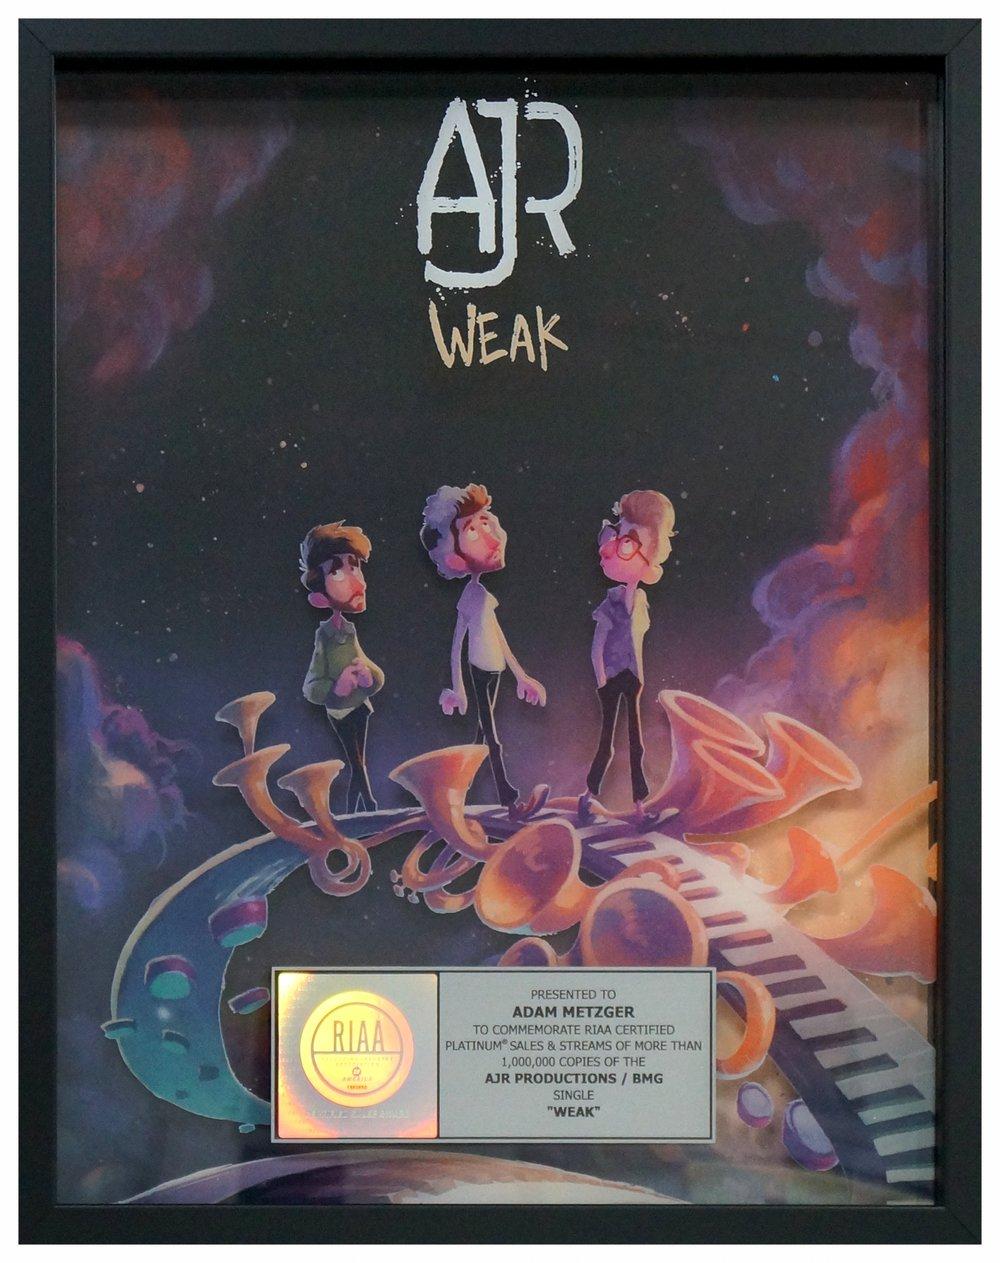 AJR Weak plaque.jpg